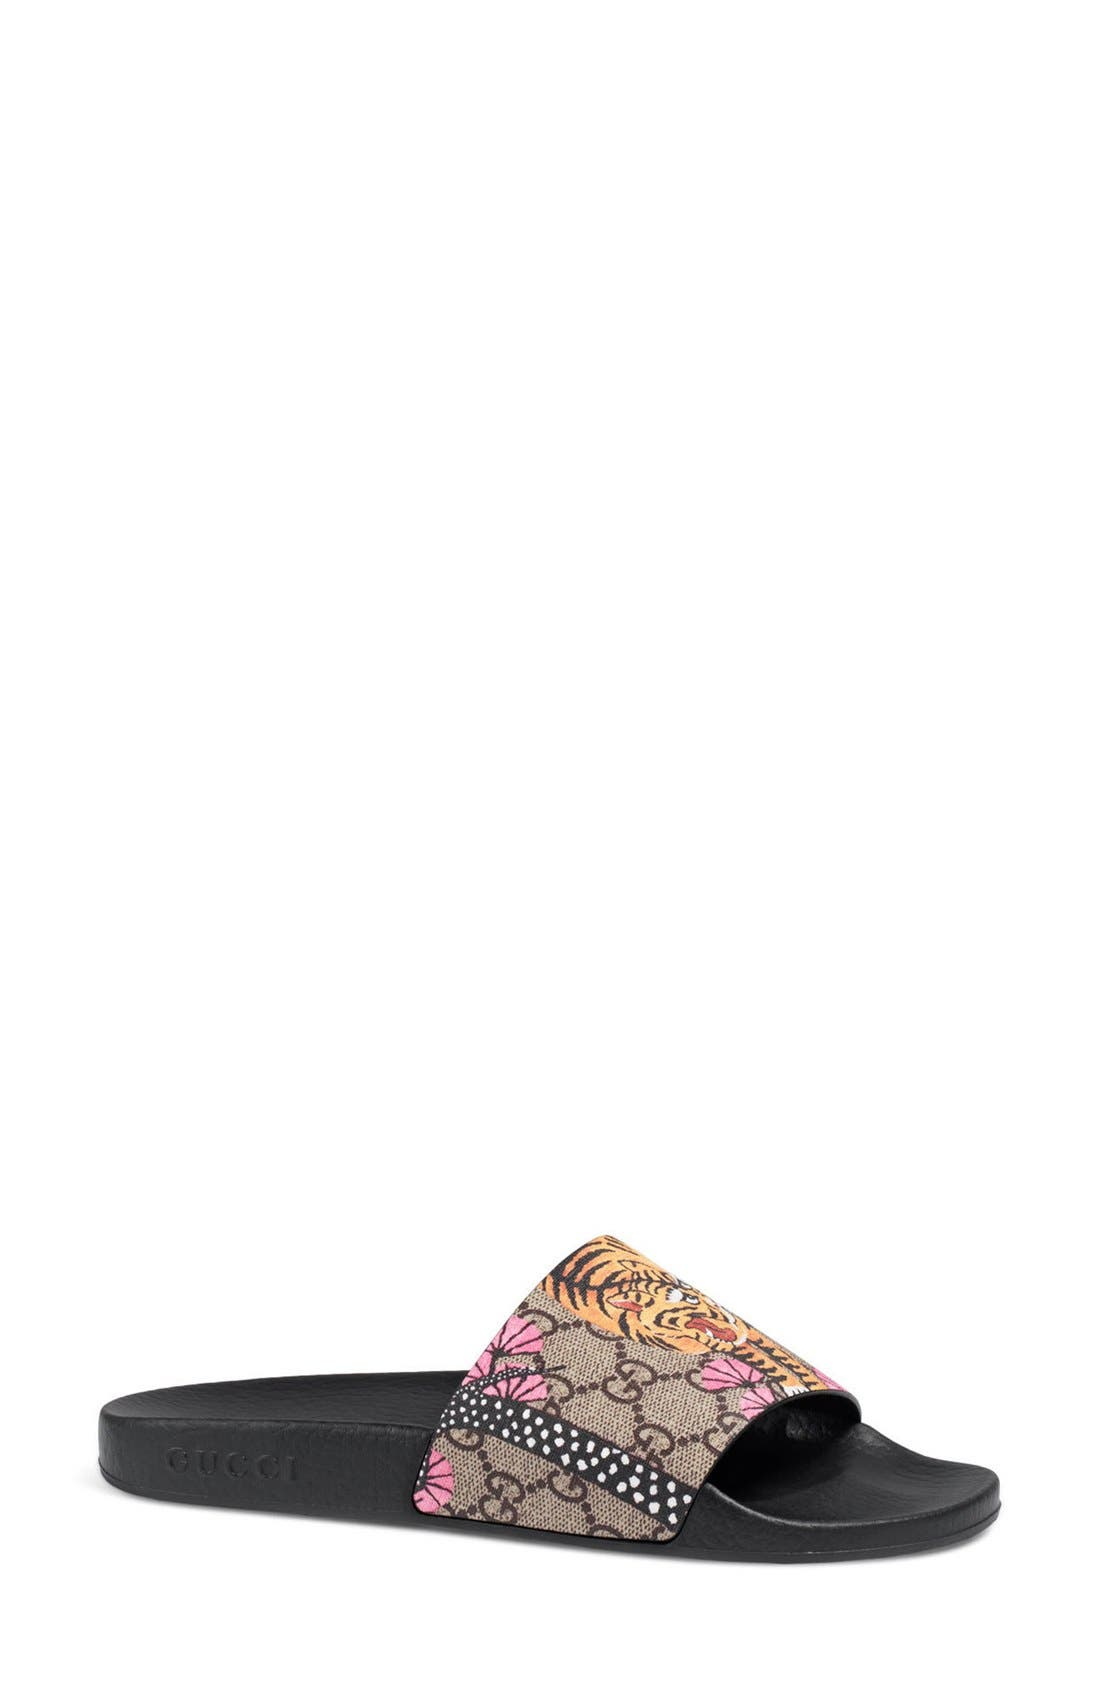 Gucci Pursuit Slide Sandal (Women)